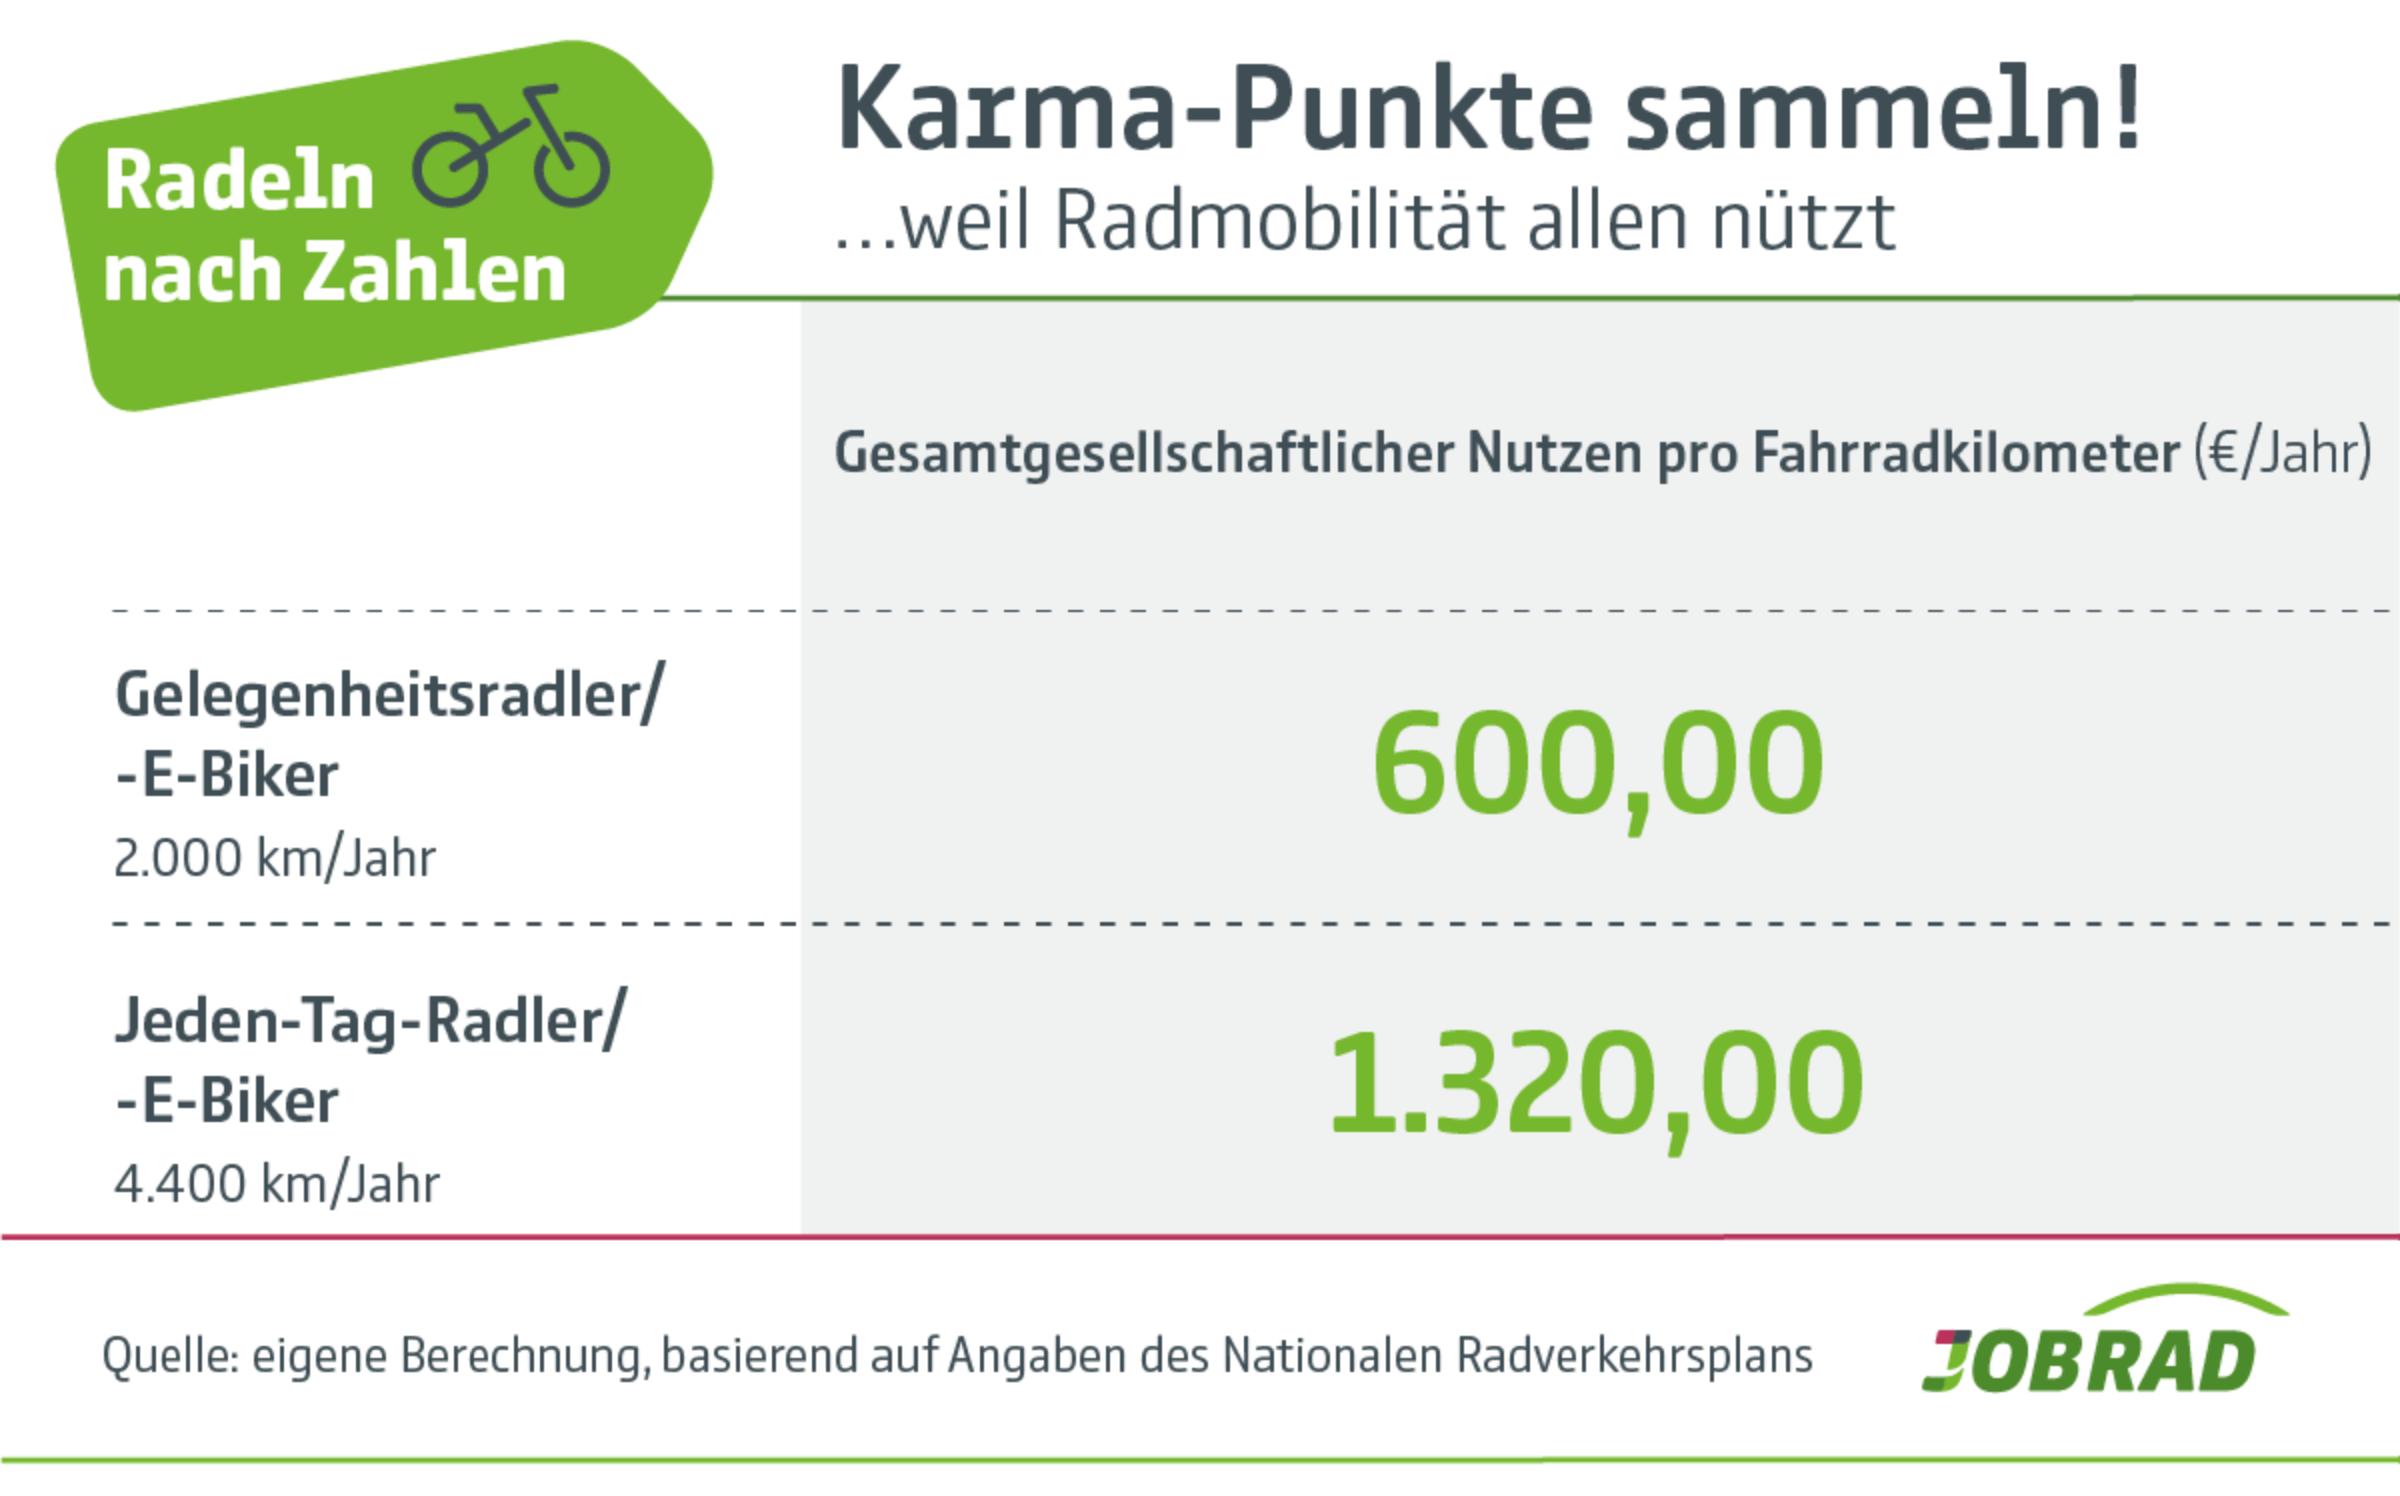 Radeln nach Zahlen: Gesamtgesellschaftlicher Nutzen pro Fahrradkilometer